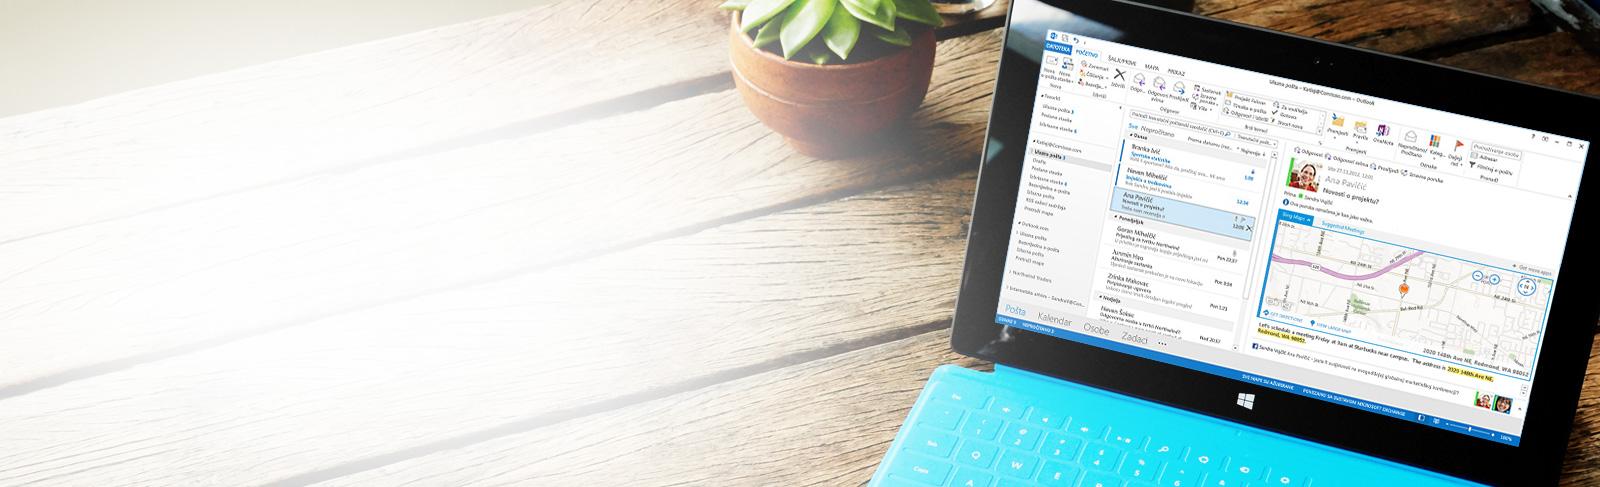 Tablet prikazuje ulaznu poštu servisa Microsoft Outlook 2013 i popis i pretpregled poruka.